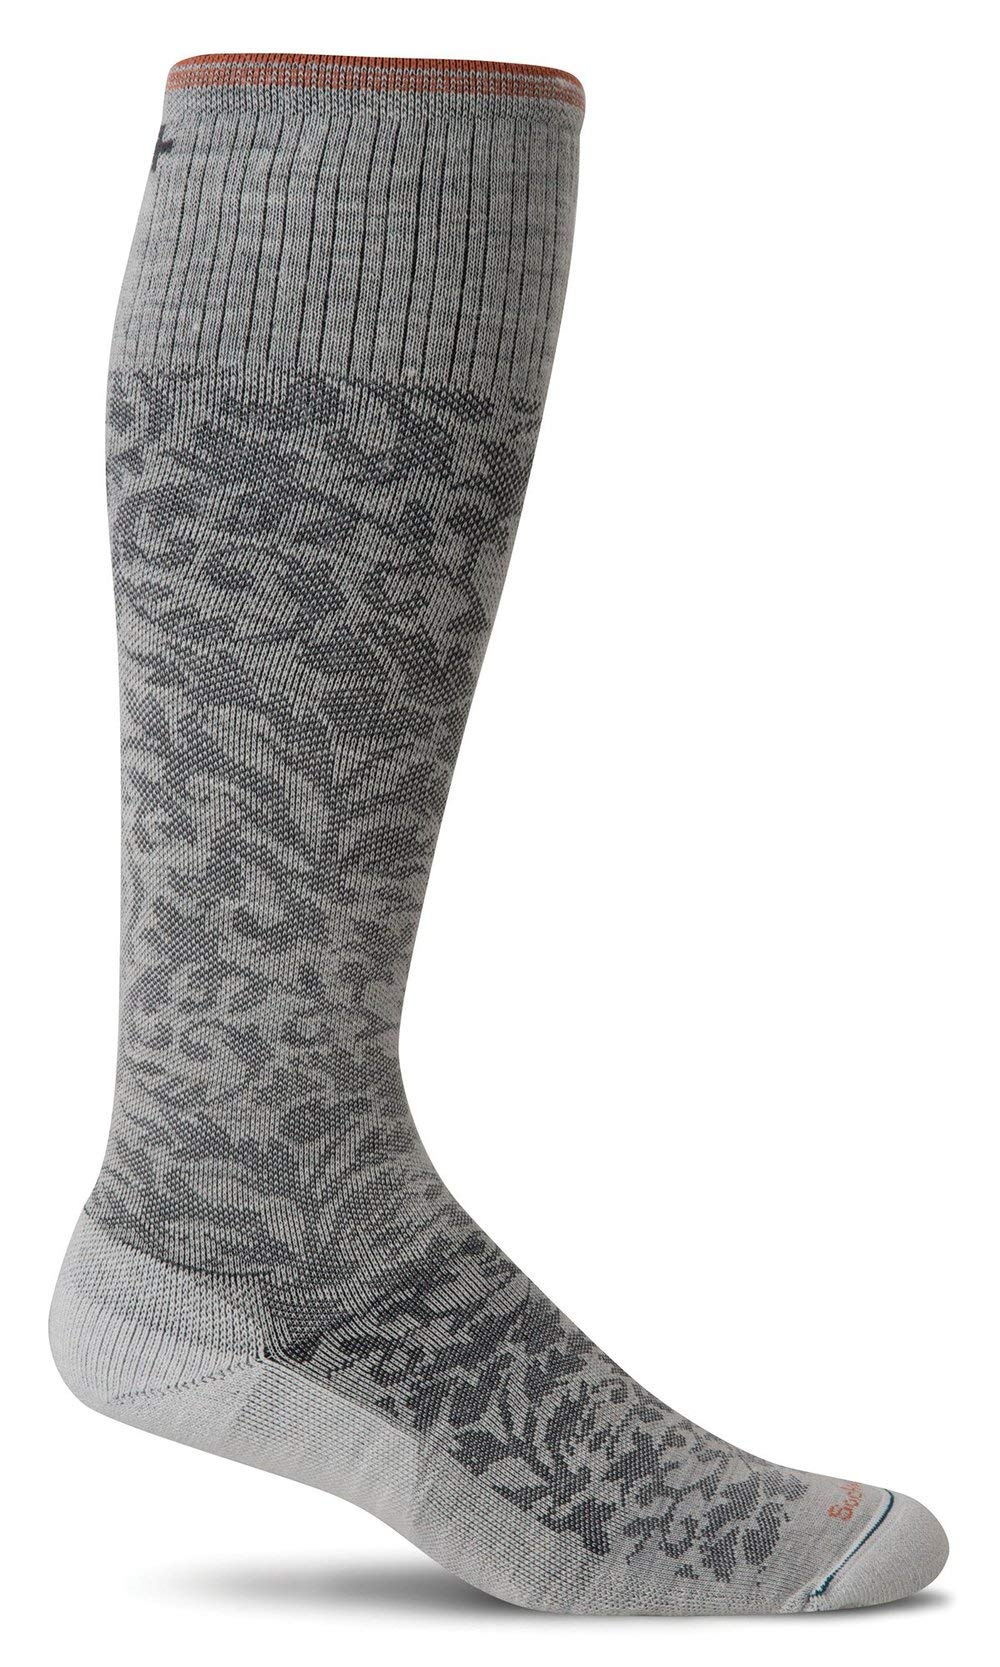 Sockwell Women's Damask Socks, Small/Medium, Oyster